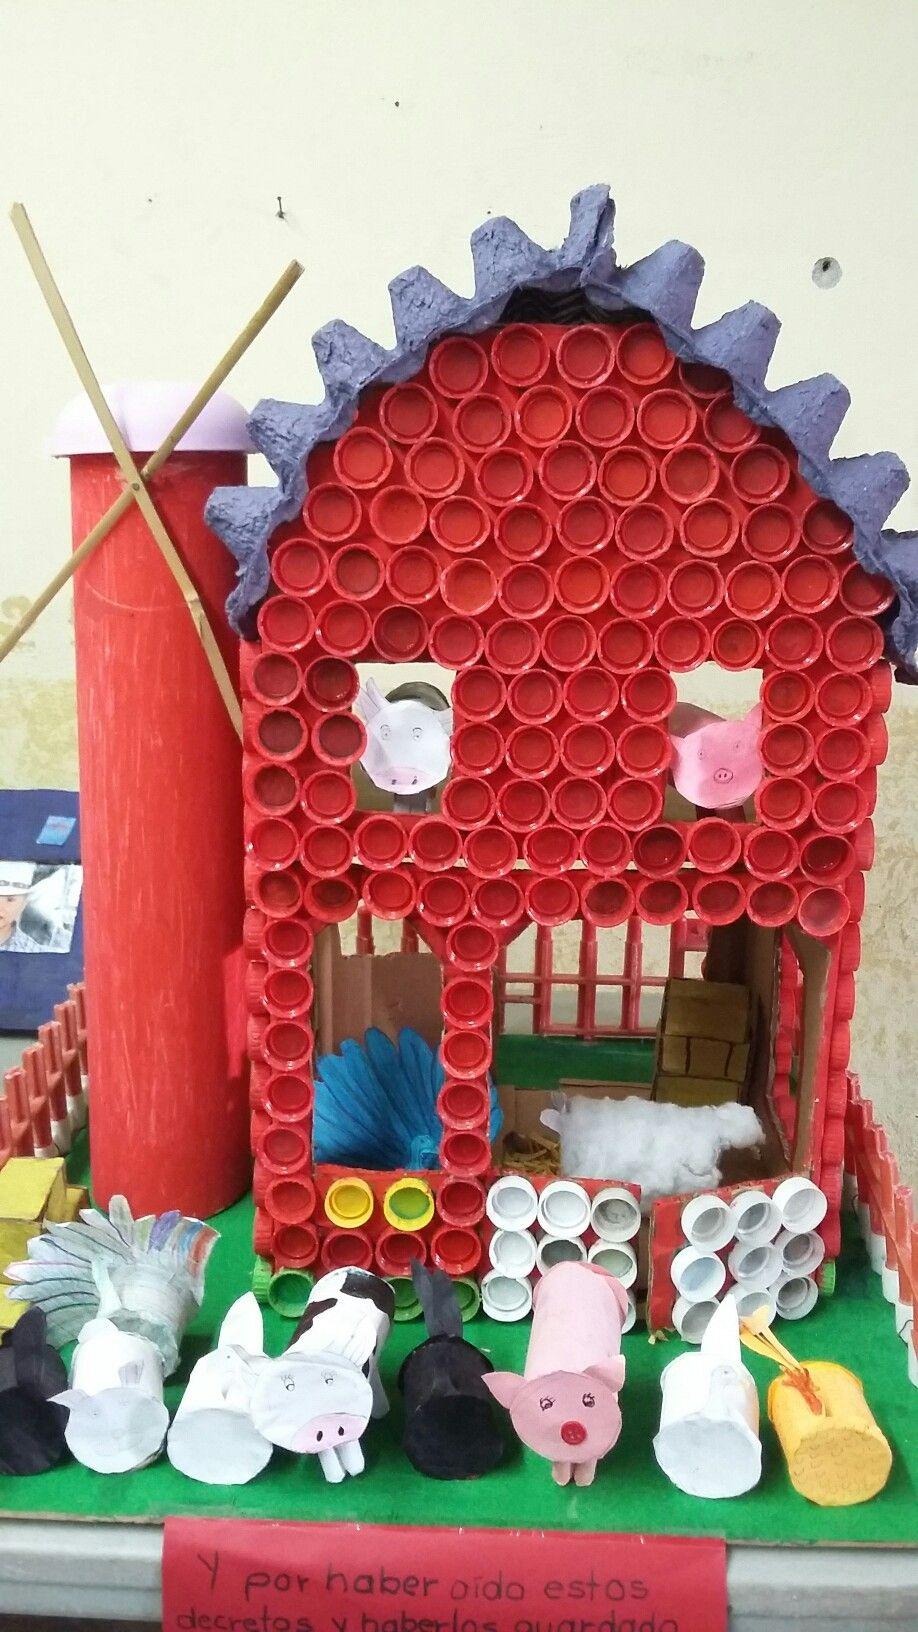 Reciclado casita de tapas de refresco rollos de papel tubo pemex y cart n de huevo muy - Que manualidades puedo hacer ...